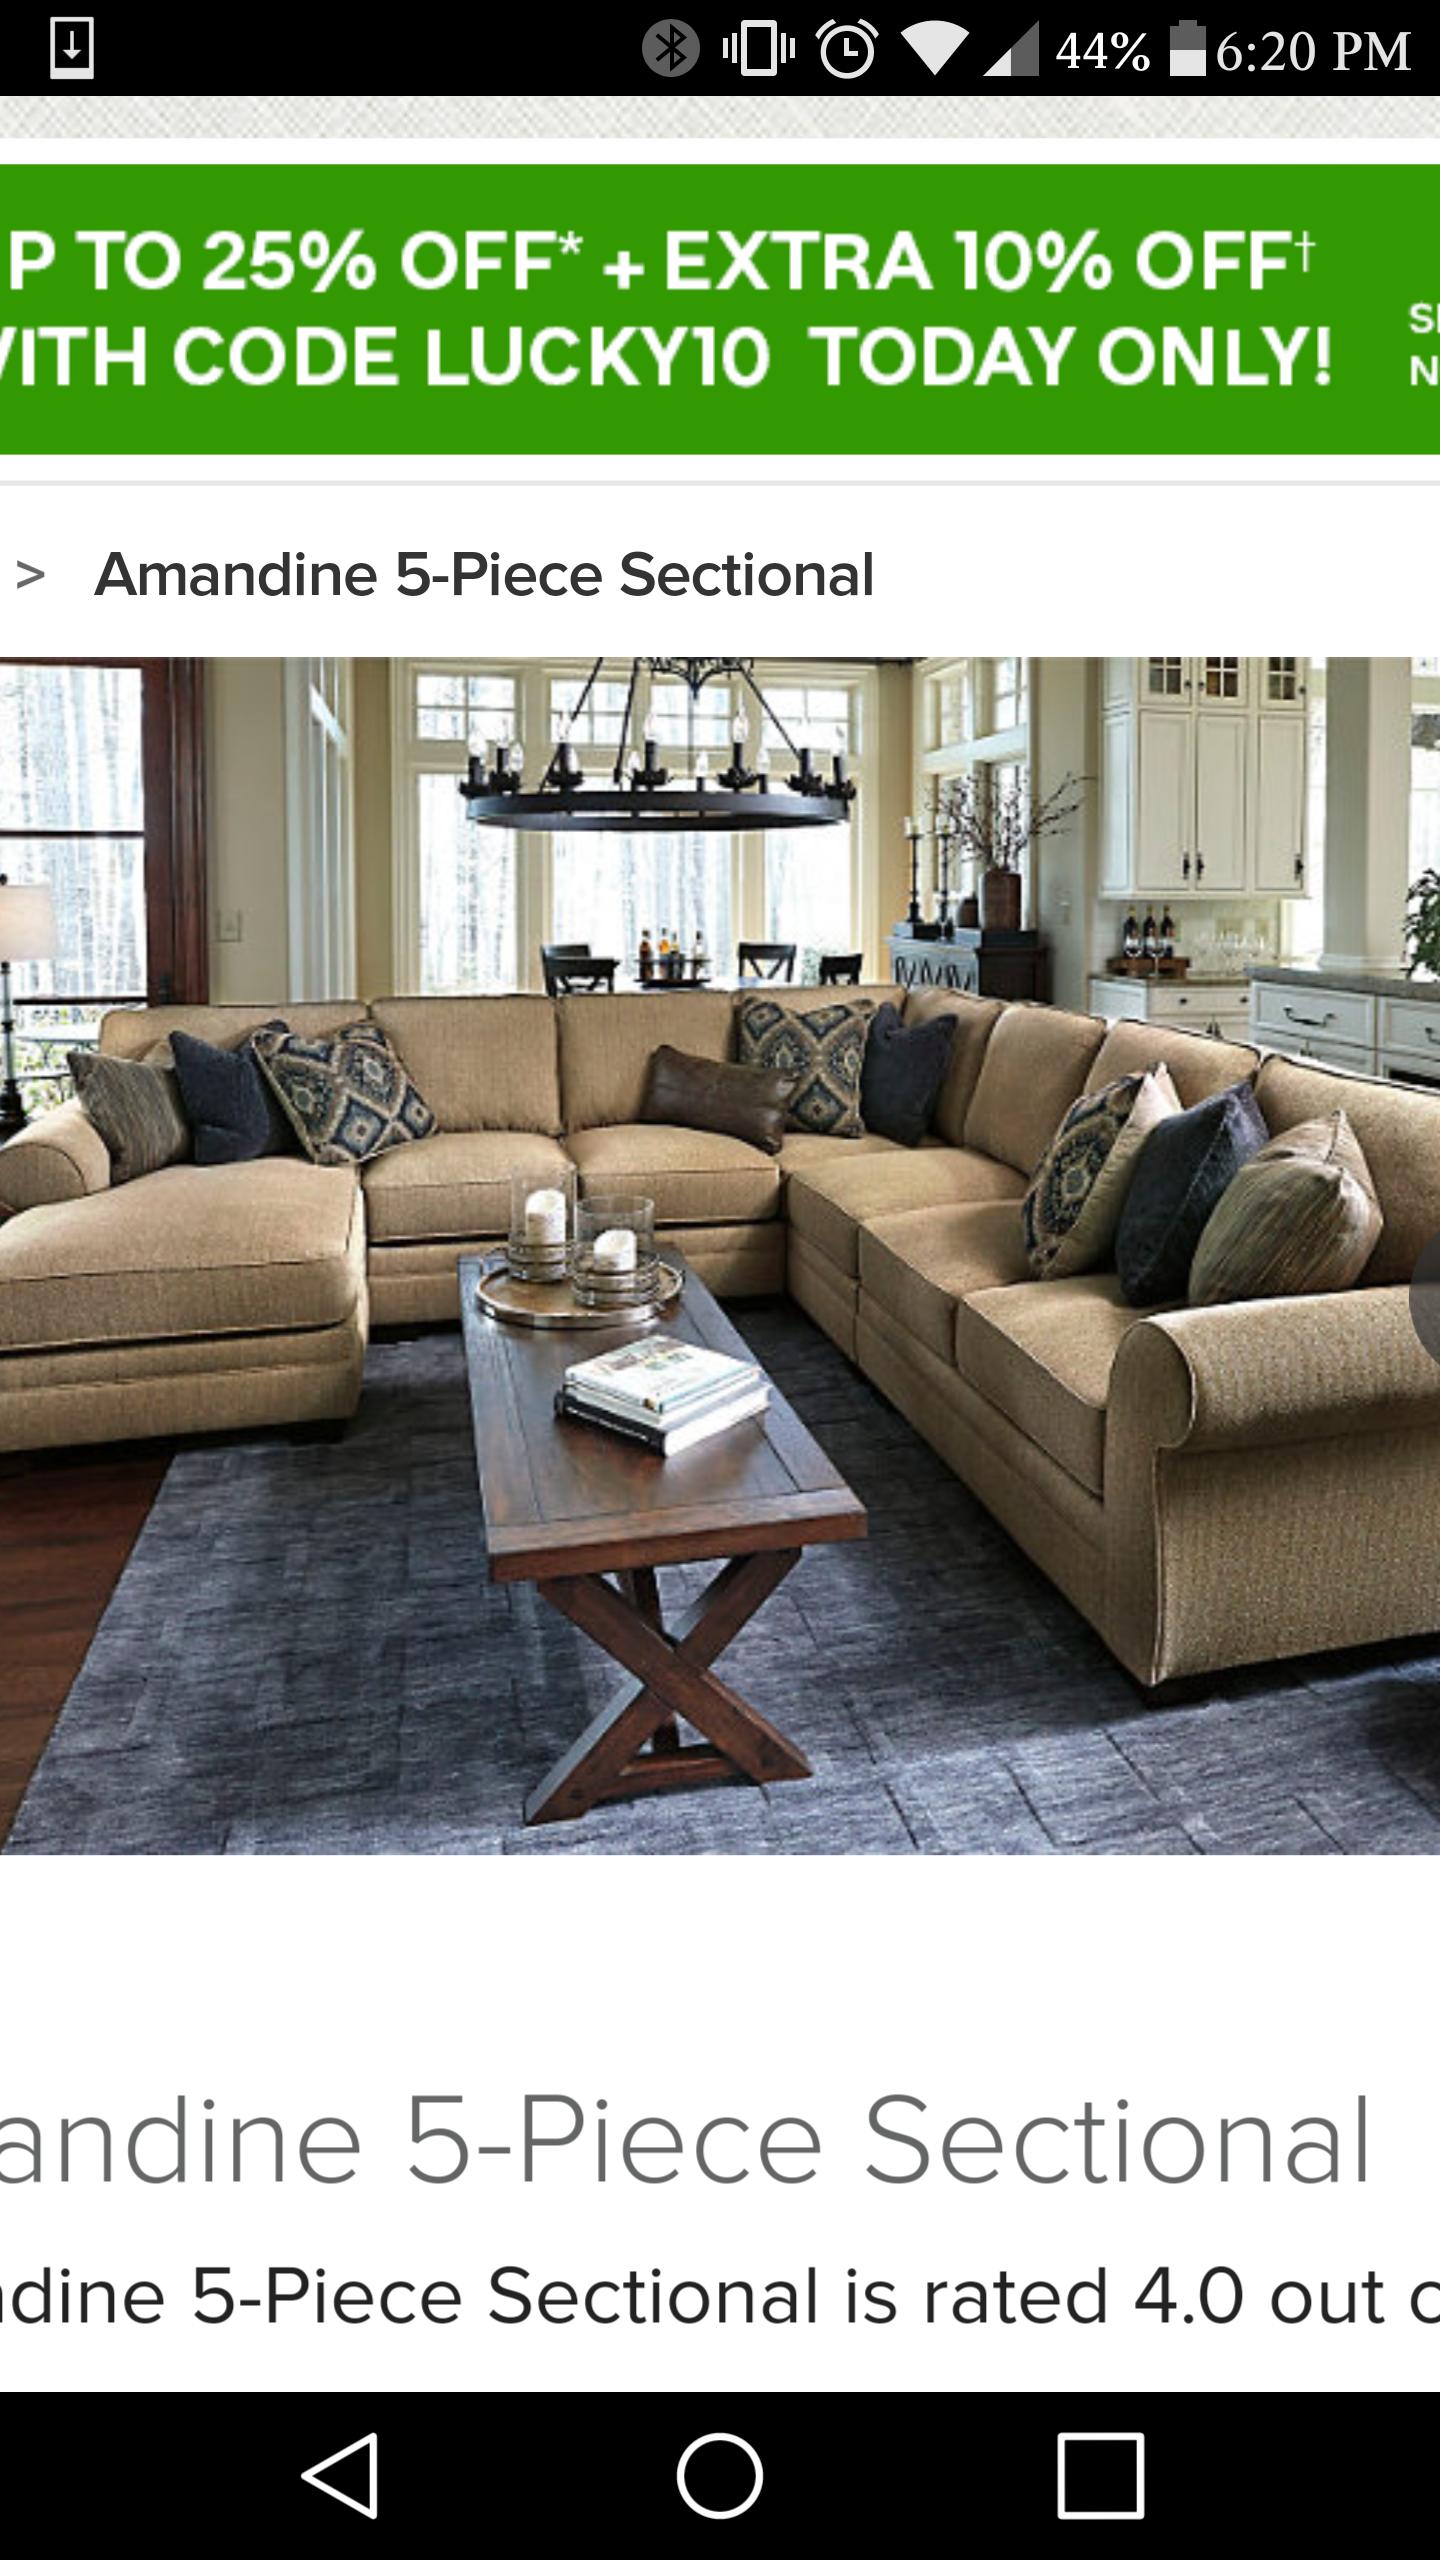 Ashley Furniture Customer Service